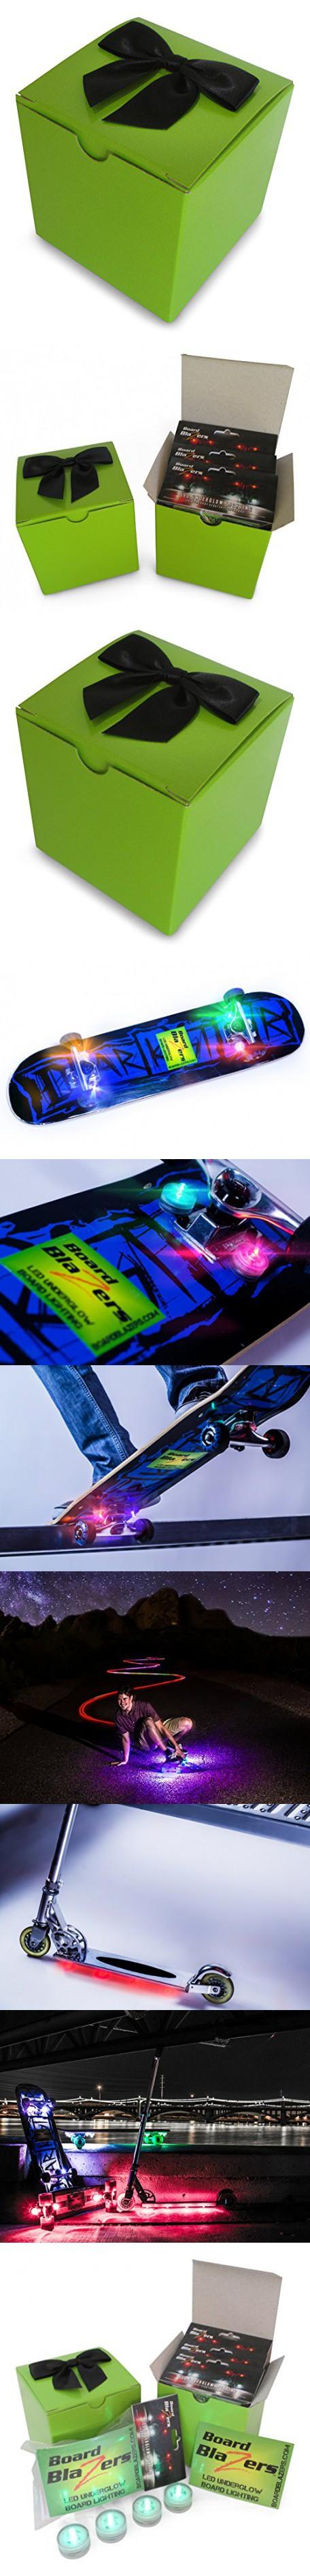 Board Blazers, The Original LED Underglow Skateboard, Longboard ...